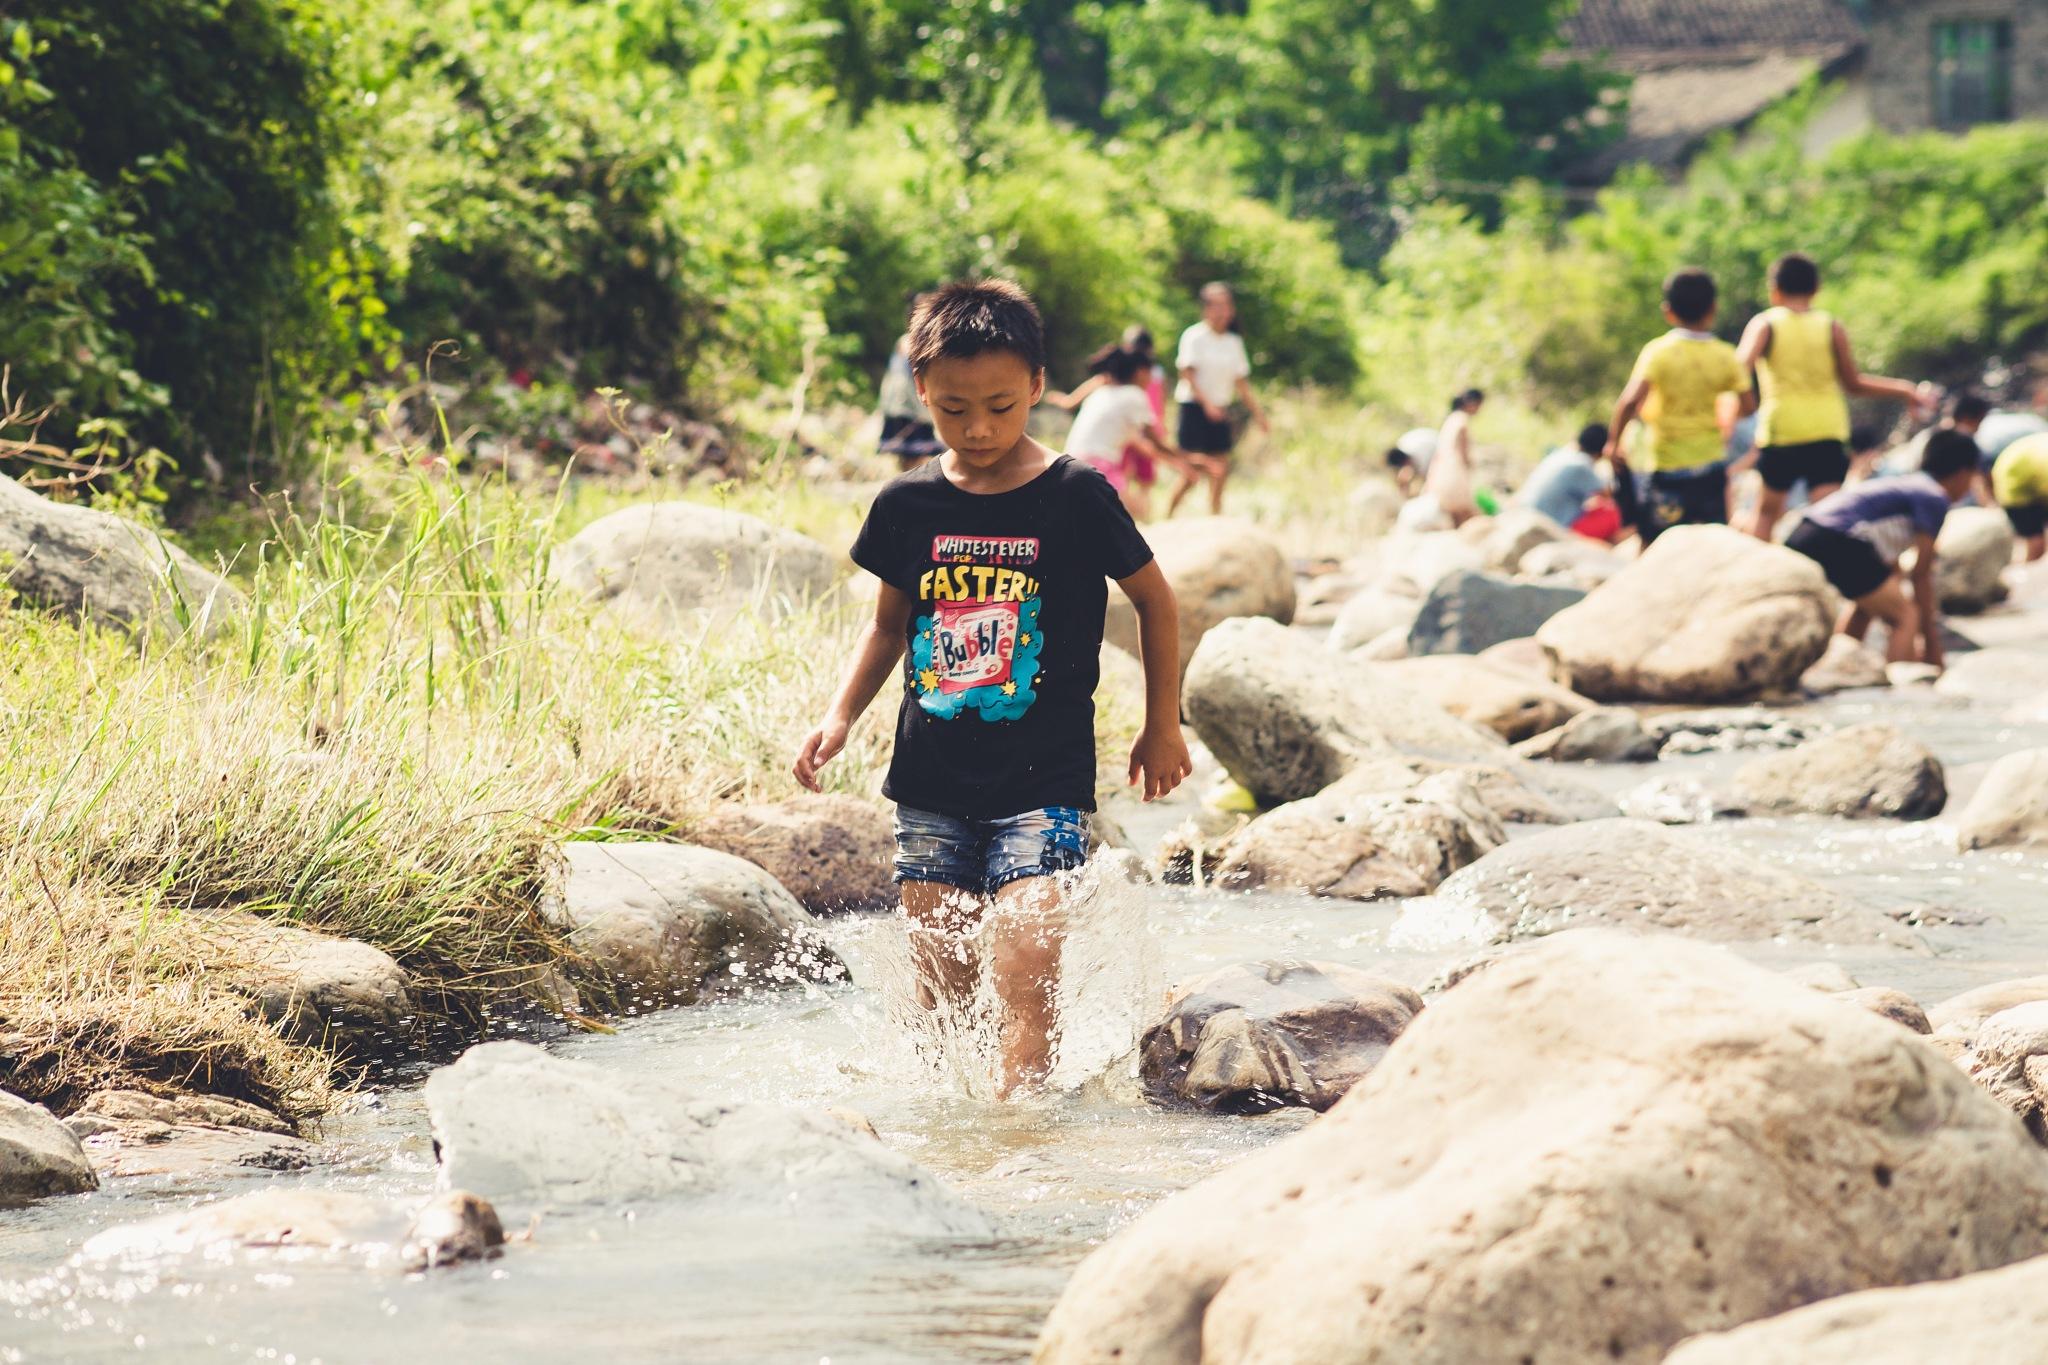 River Fun Time by FLAIR HANDAS